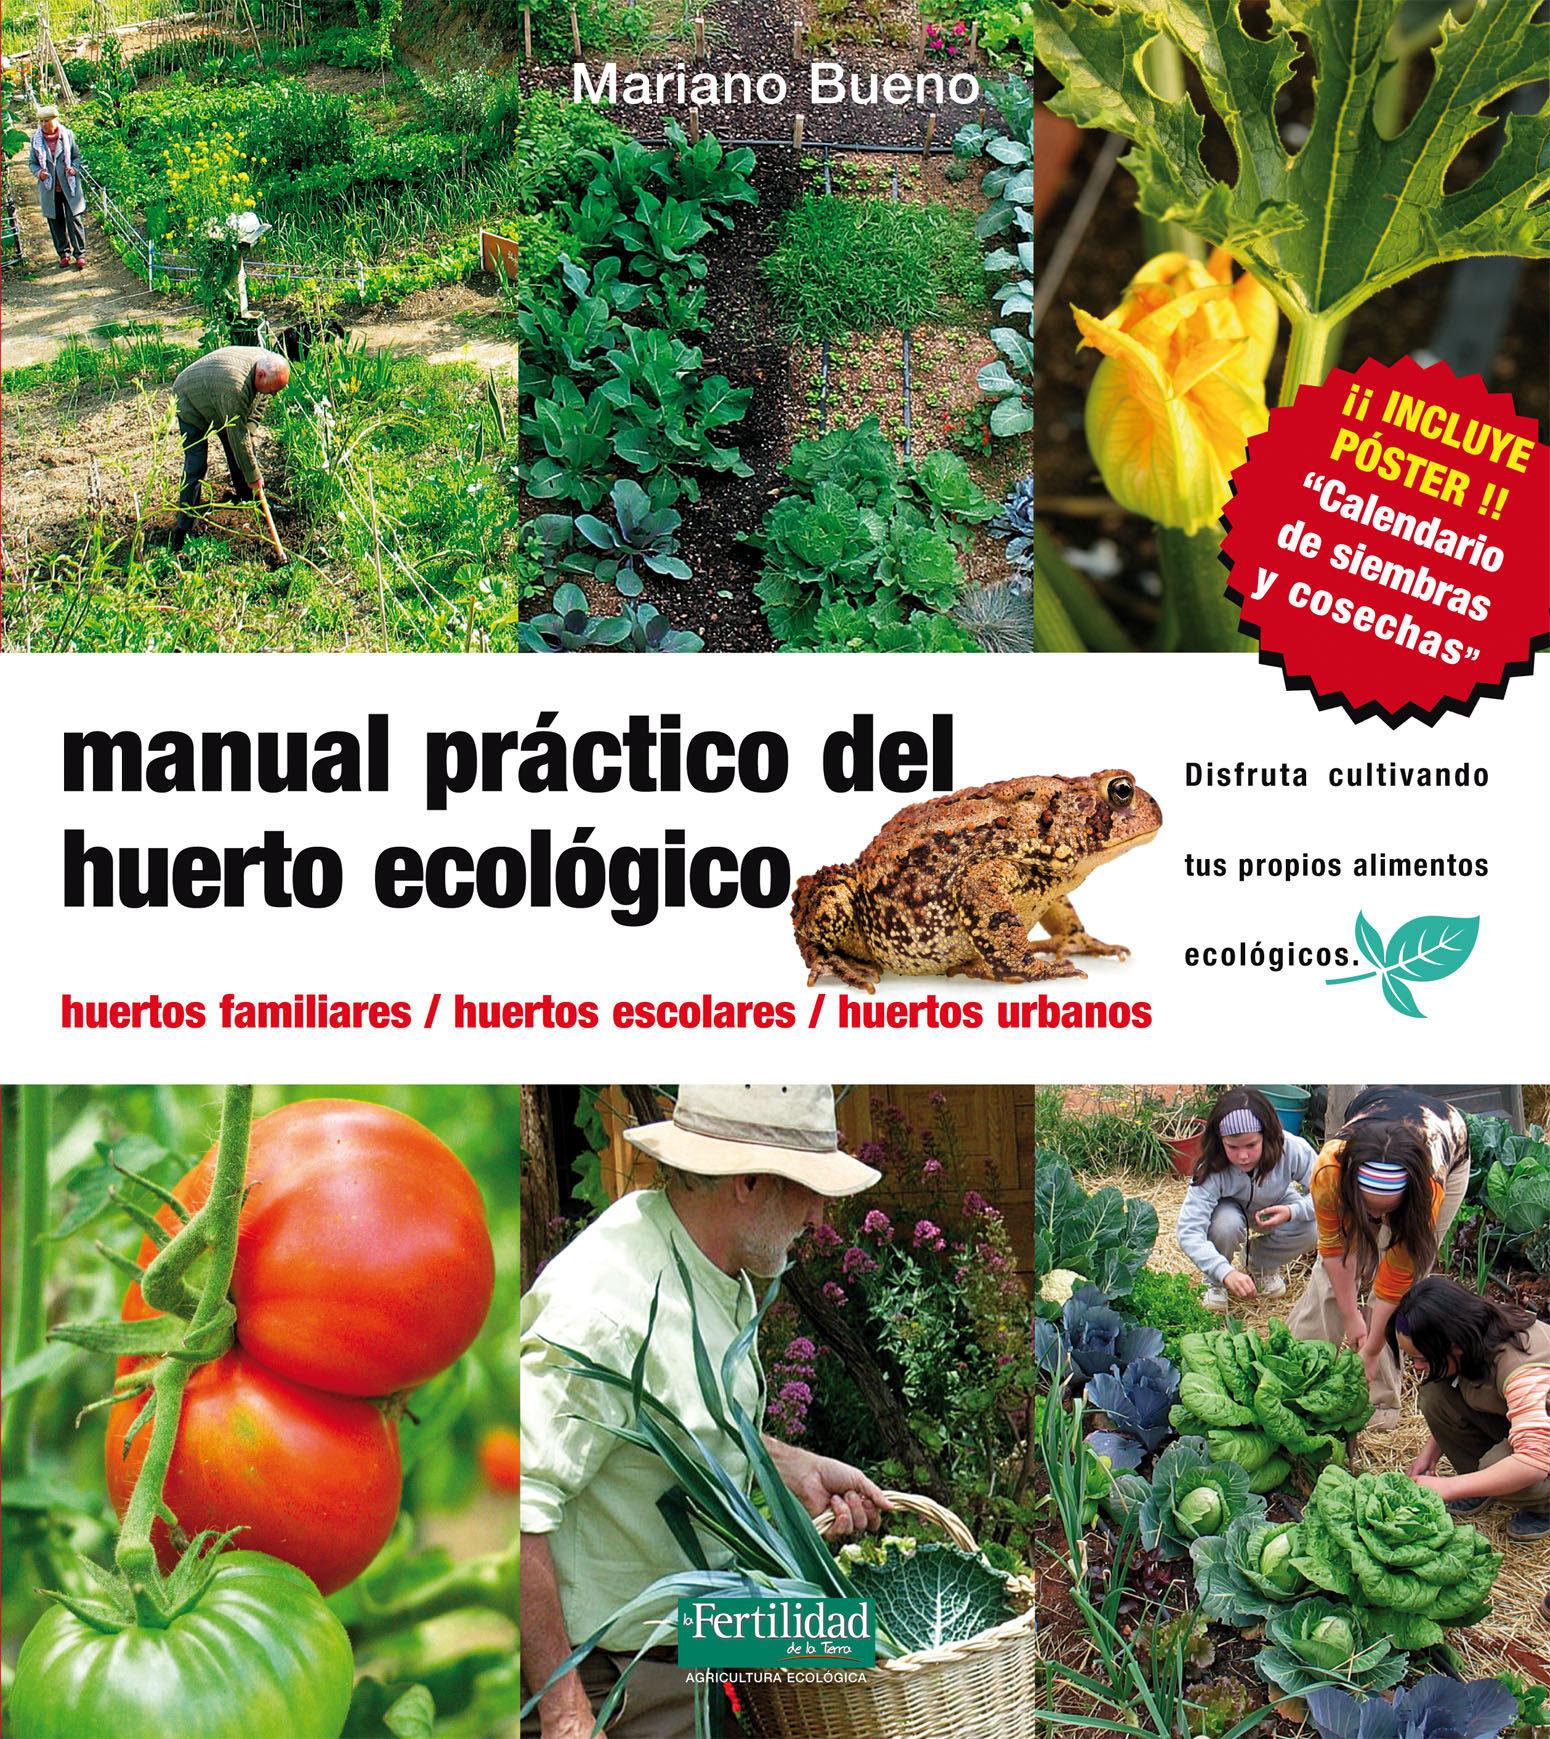 Manual práctico del huerto ecológico de Mariano Bueno Bosch